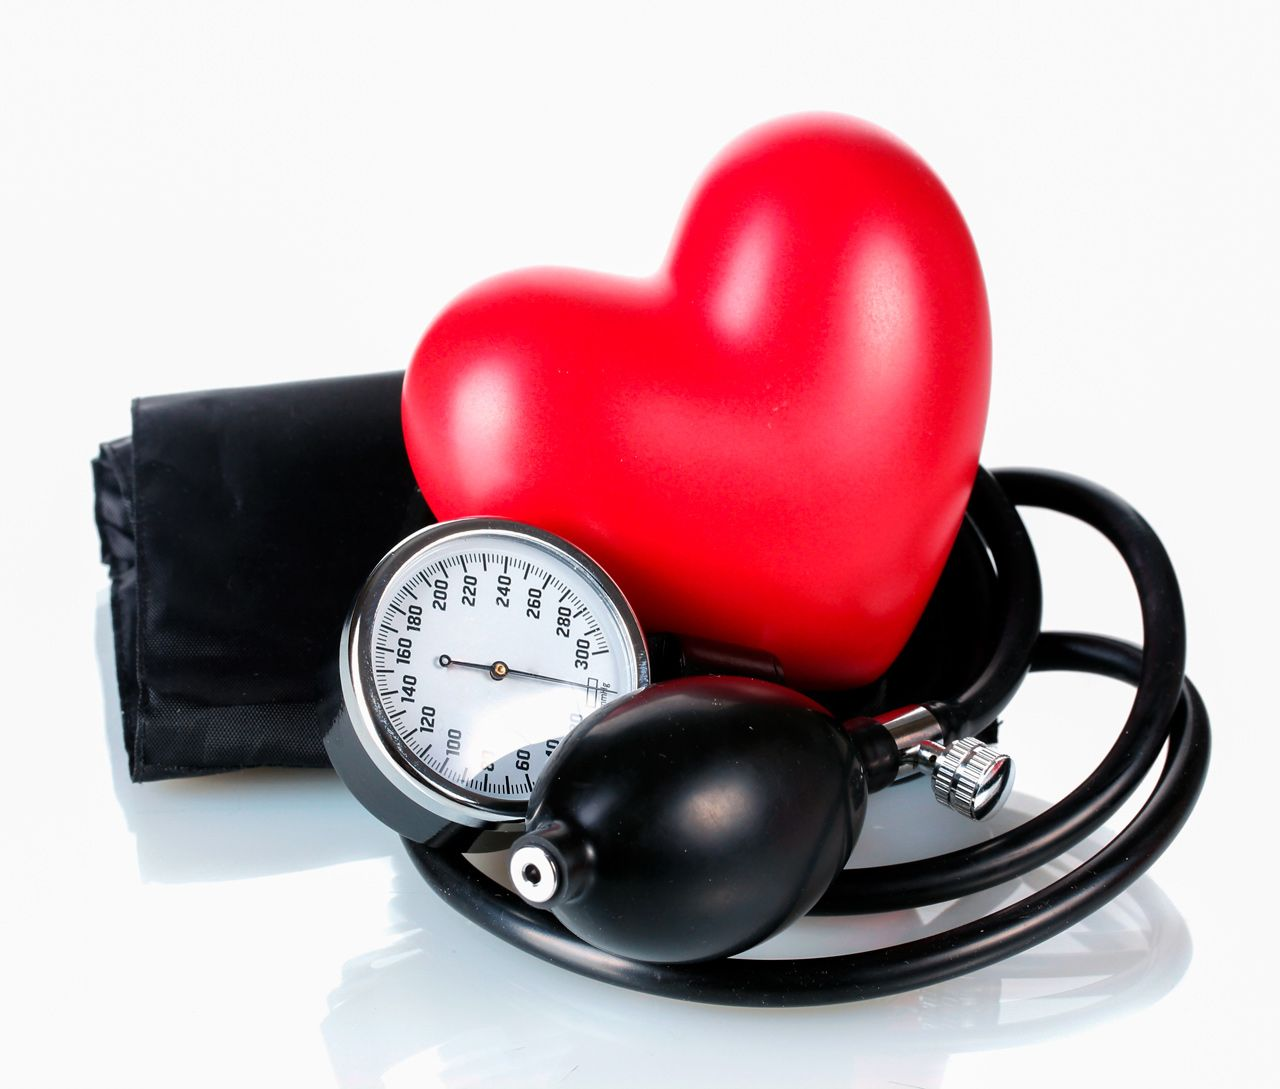 Los 7 errores más grandes de Hipertensión Arterial Sintomas Usted puede evitar fácilmente